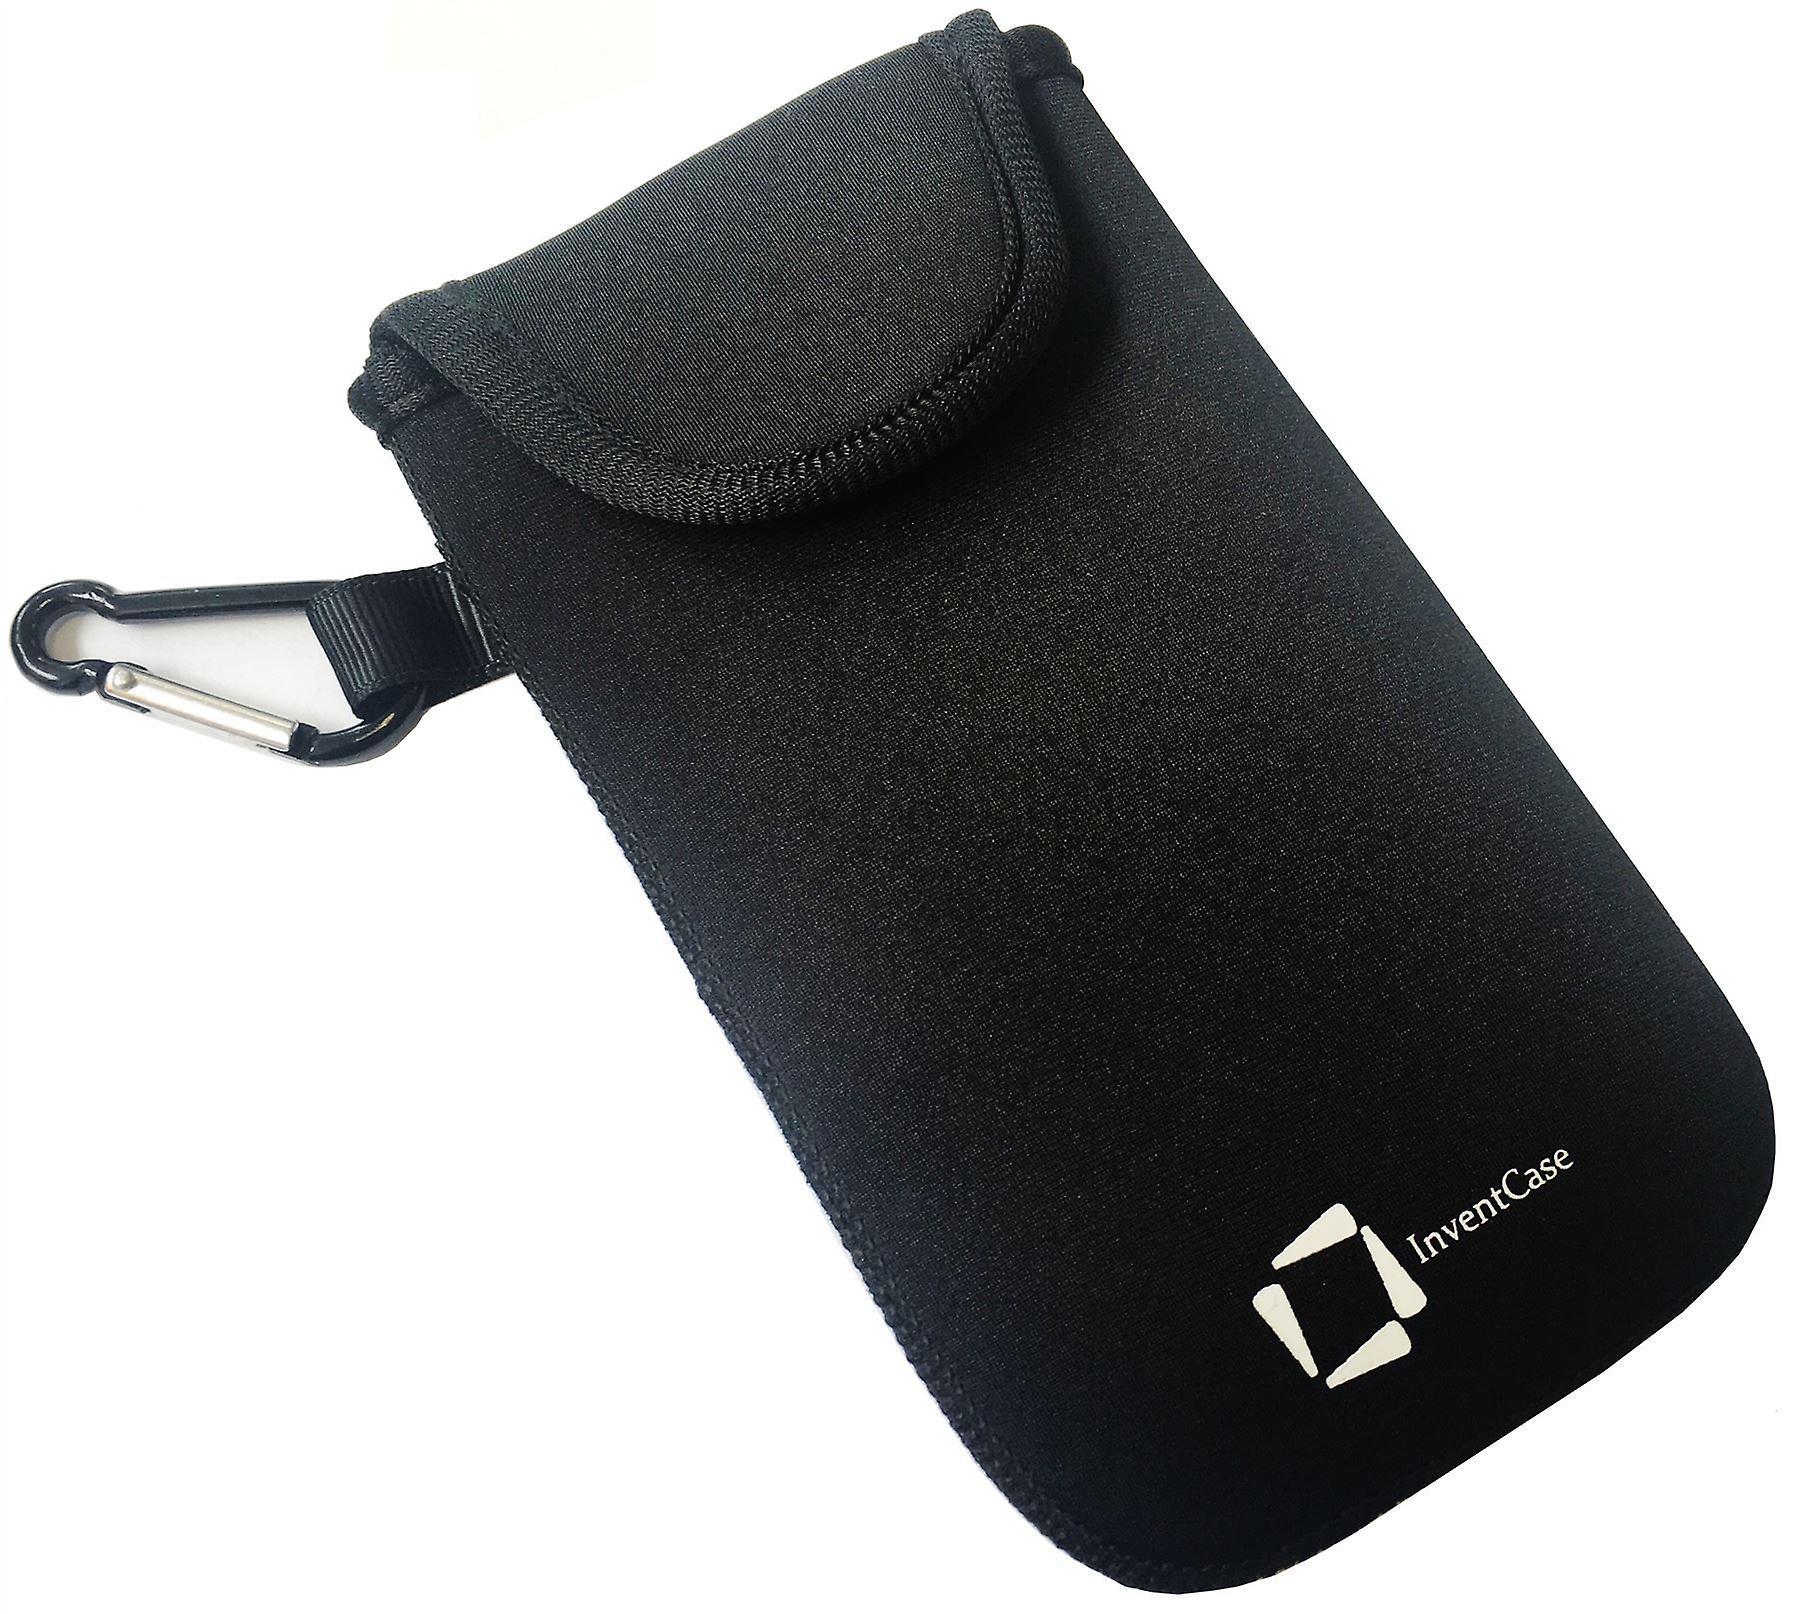 حقيبة تغطية القضية الحقيبة واقية مقاومة لتأثير النيوبرين إينفينتكاسي مع إغلاق Velcro و Carabiner الألومنيوم سامسونج جالاكسى الكبرى 2-أسود